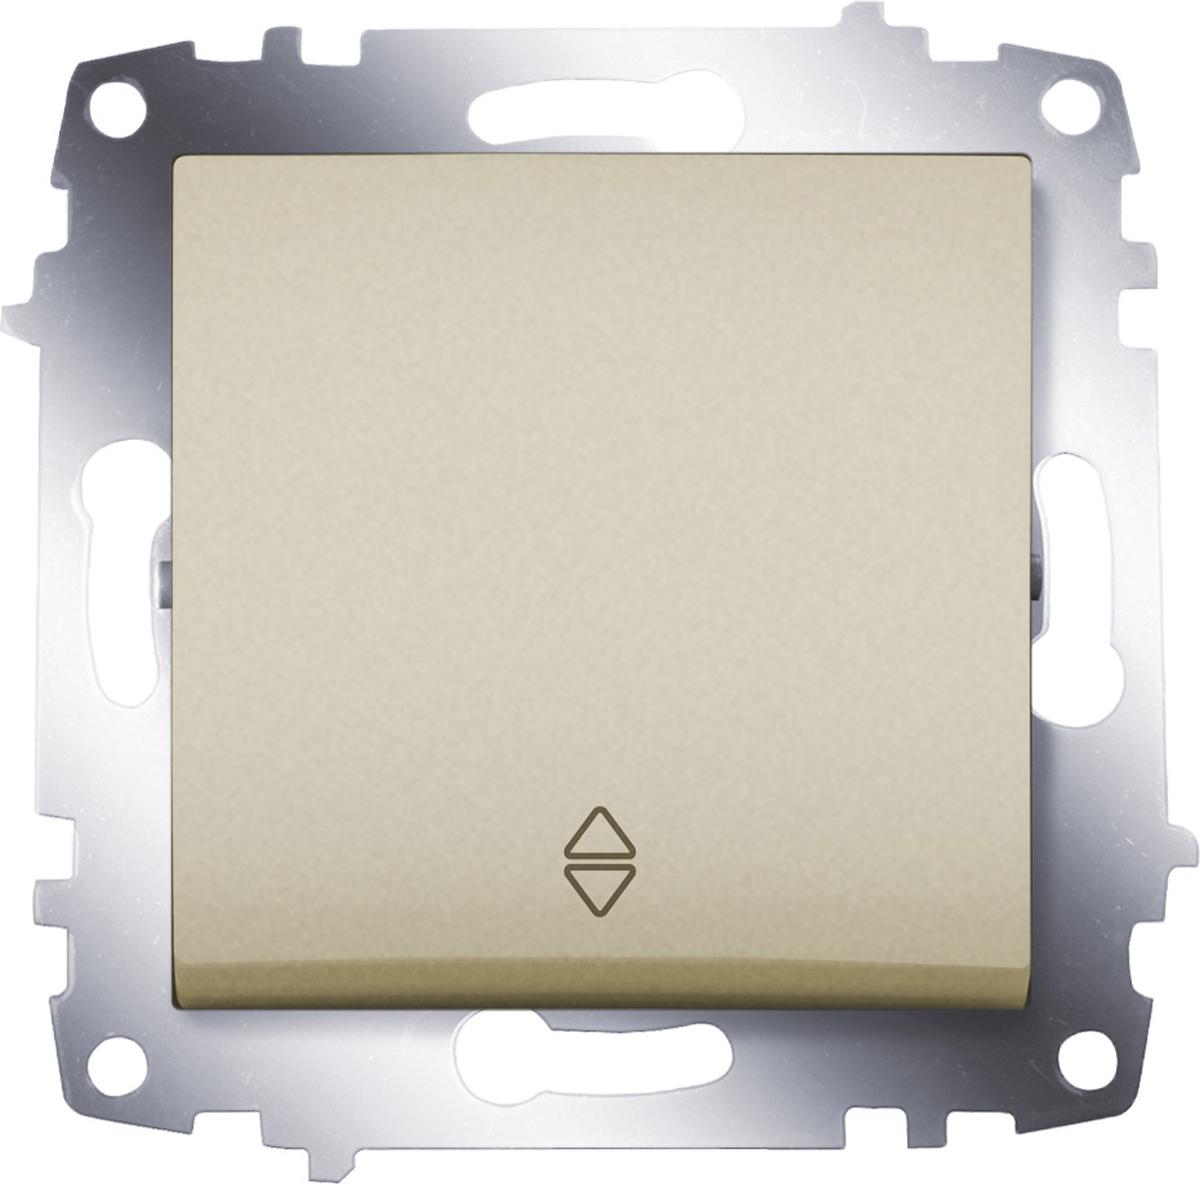 Переключатель ABB Cosmo, одноклавишный, схема 6, цвет: титаниум цена